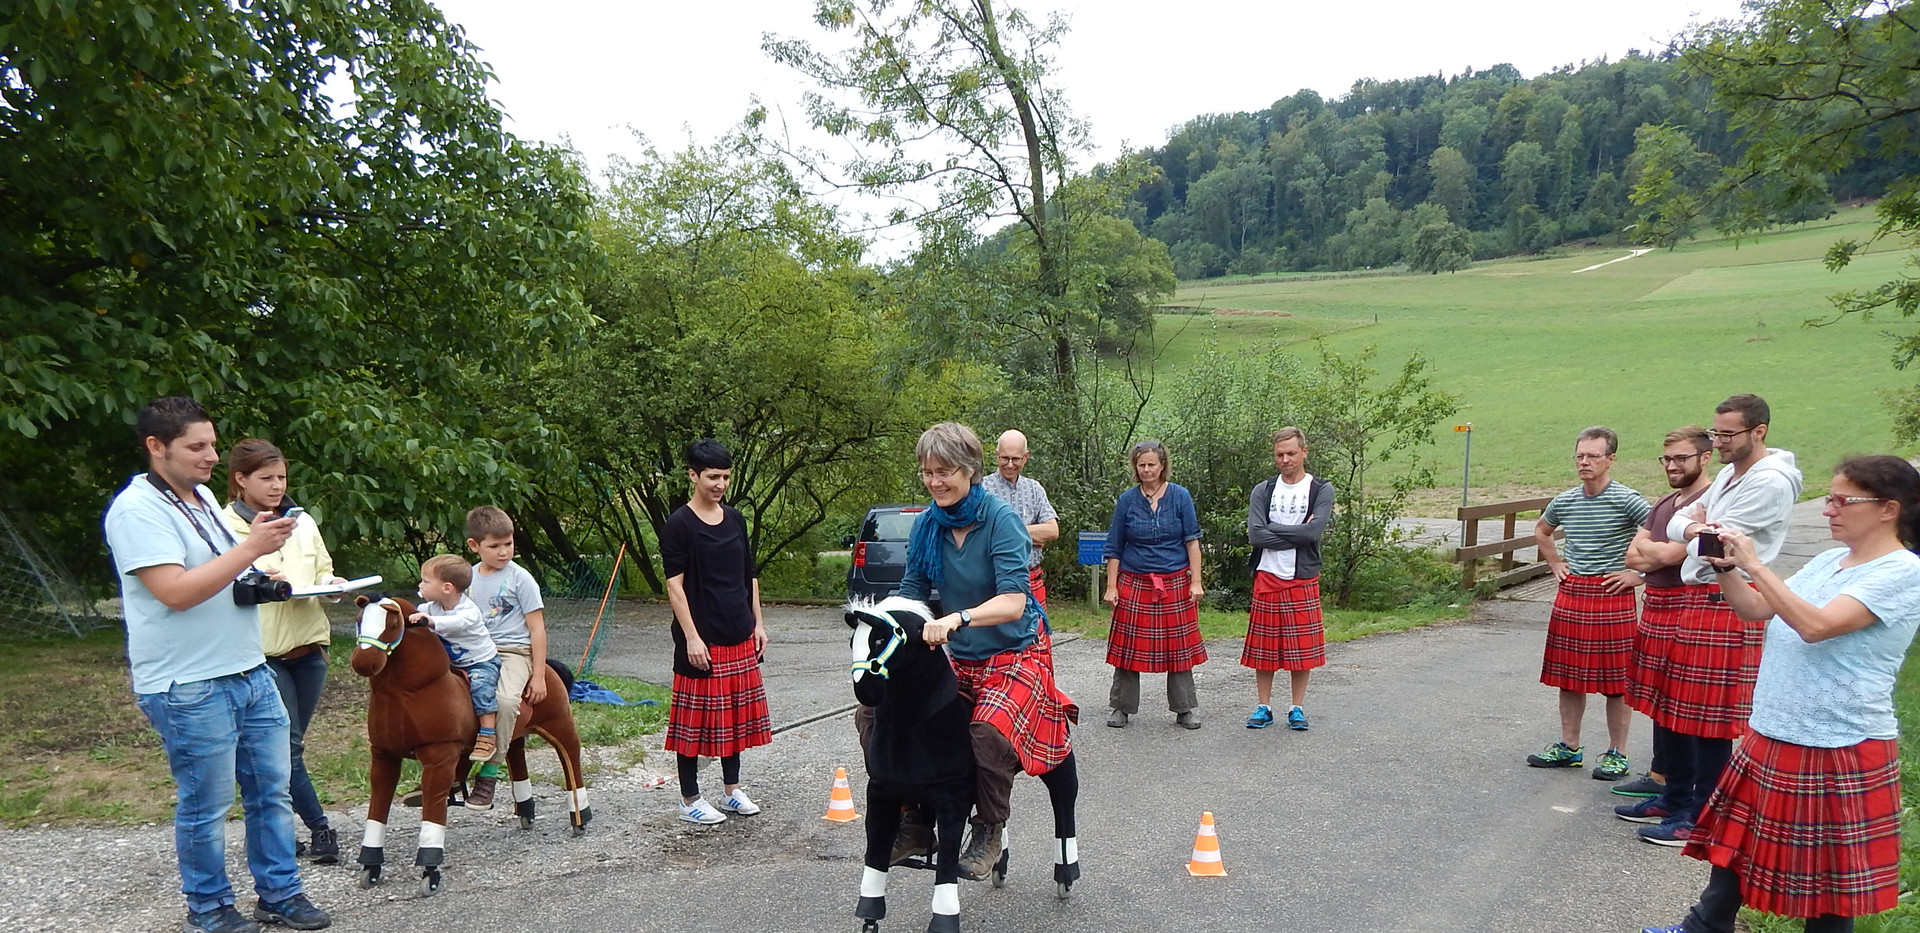 Rössli (Pferde)-Rennen